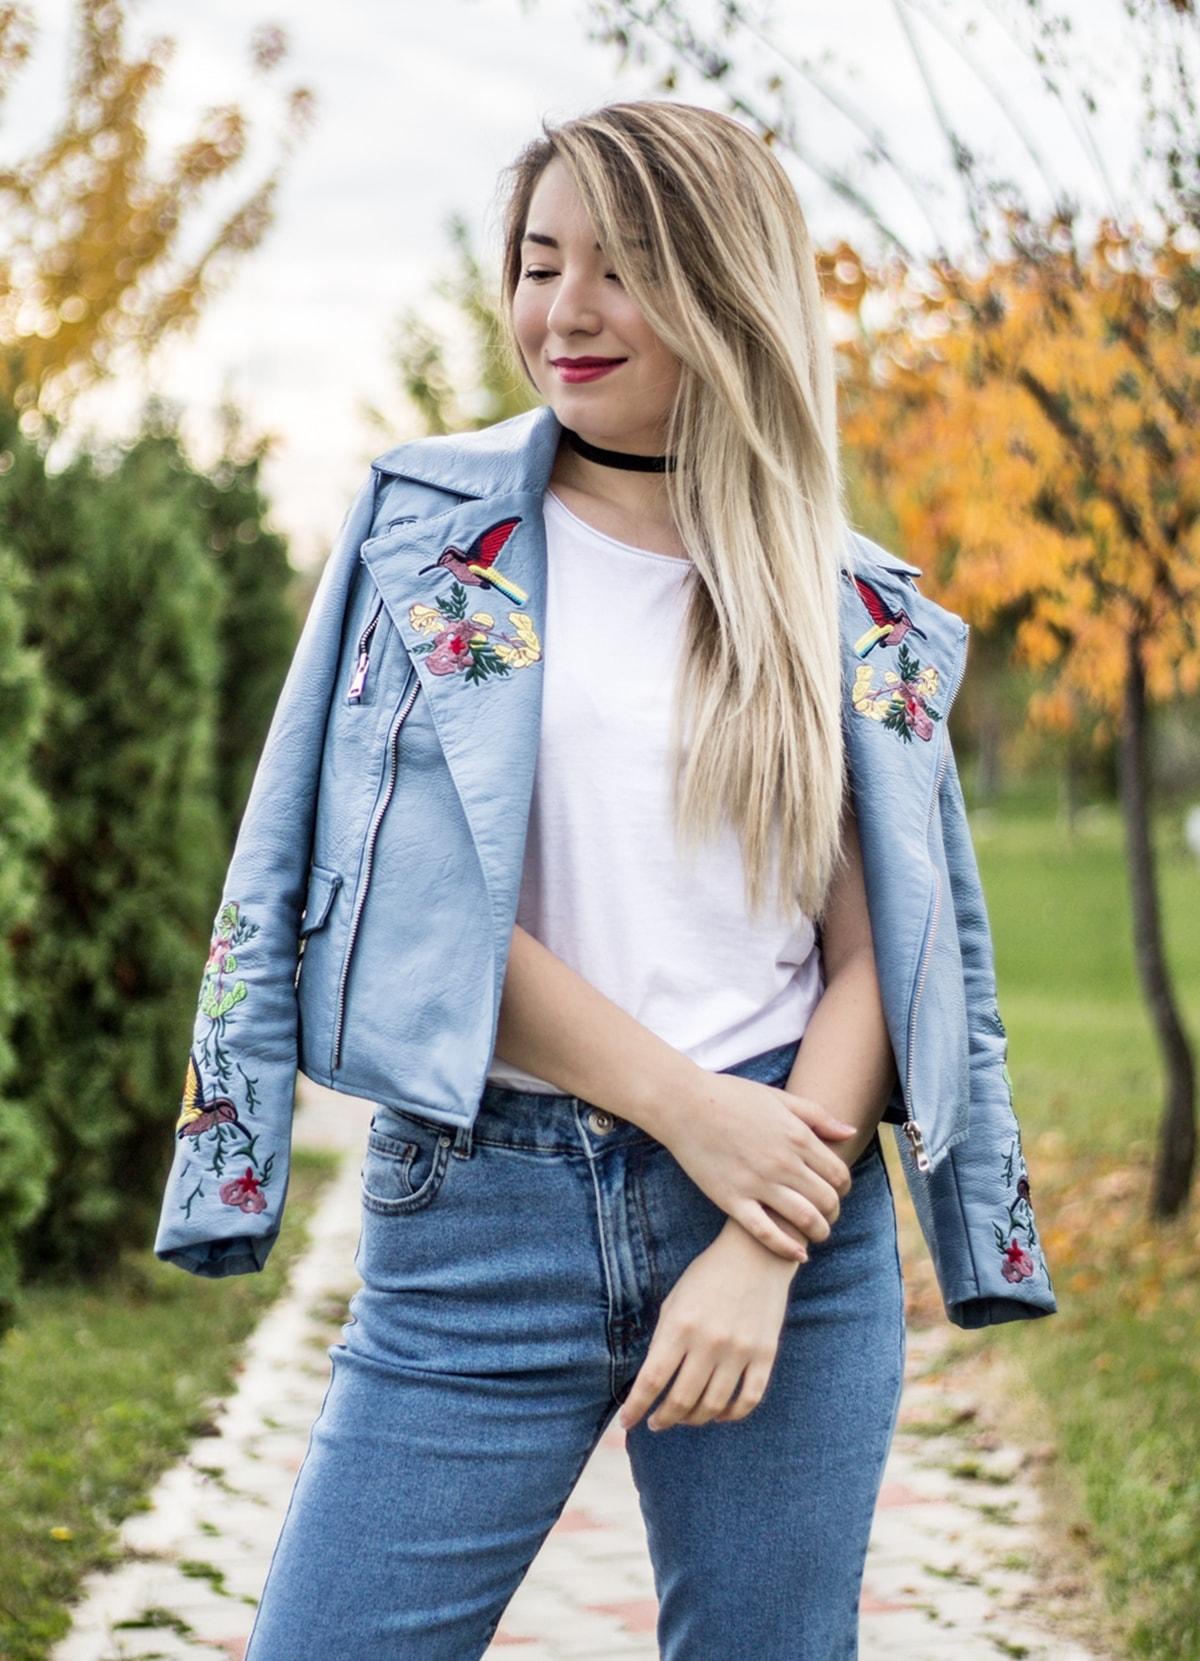 Andreea Ristea - piese de baza sezonul toaman iarna 2016, jacheta cu insertii din broderie